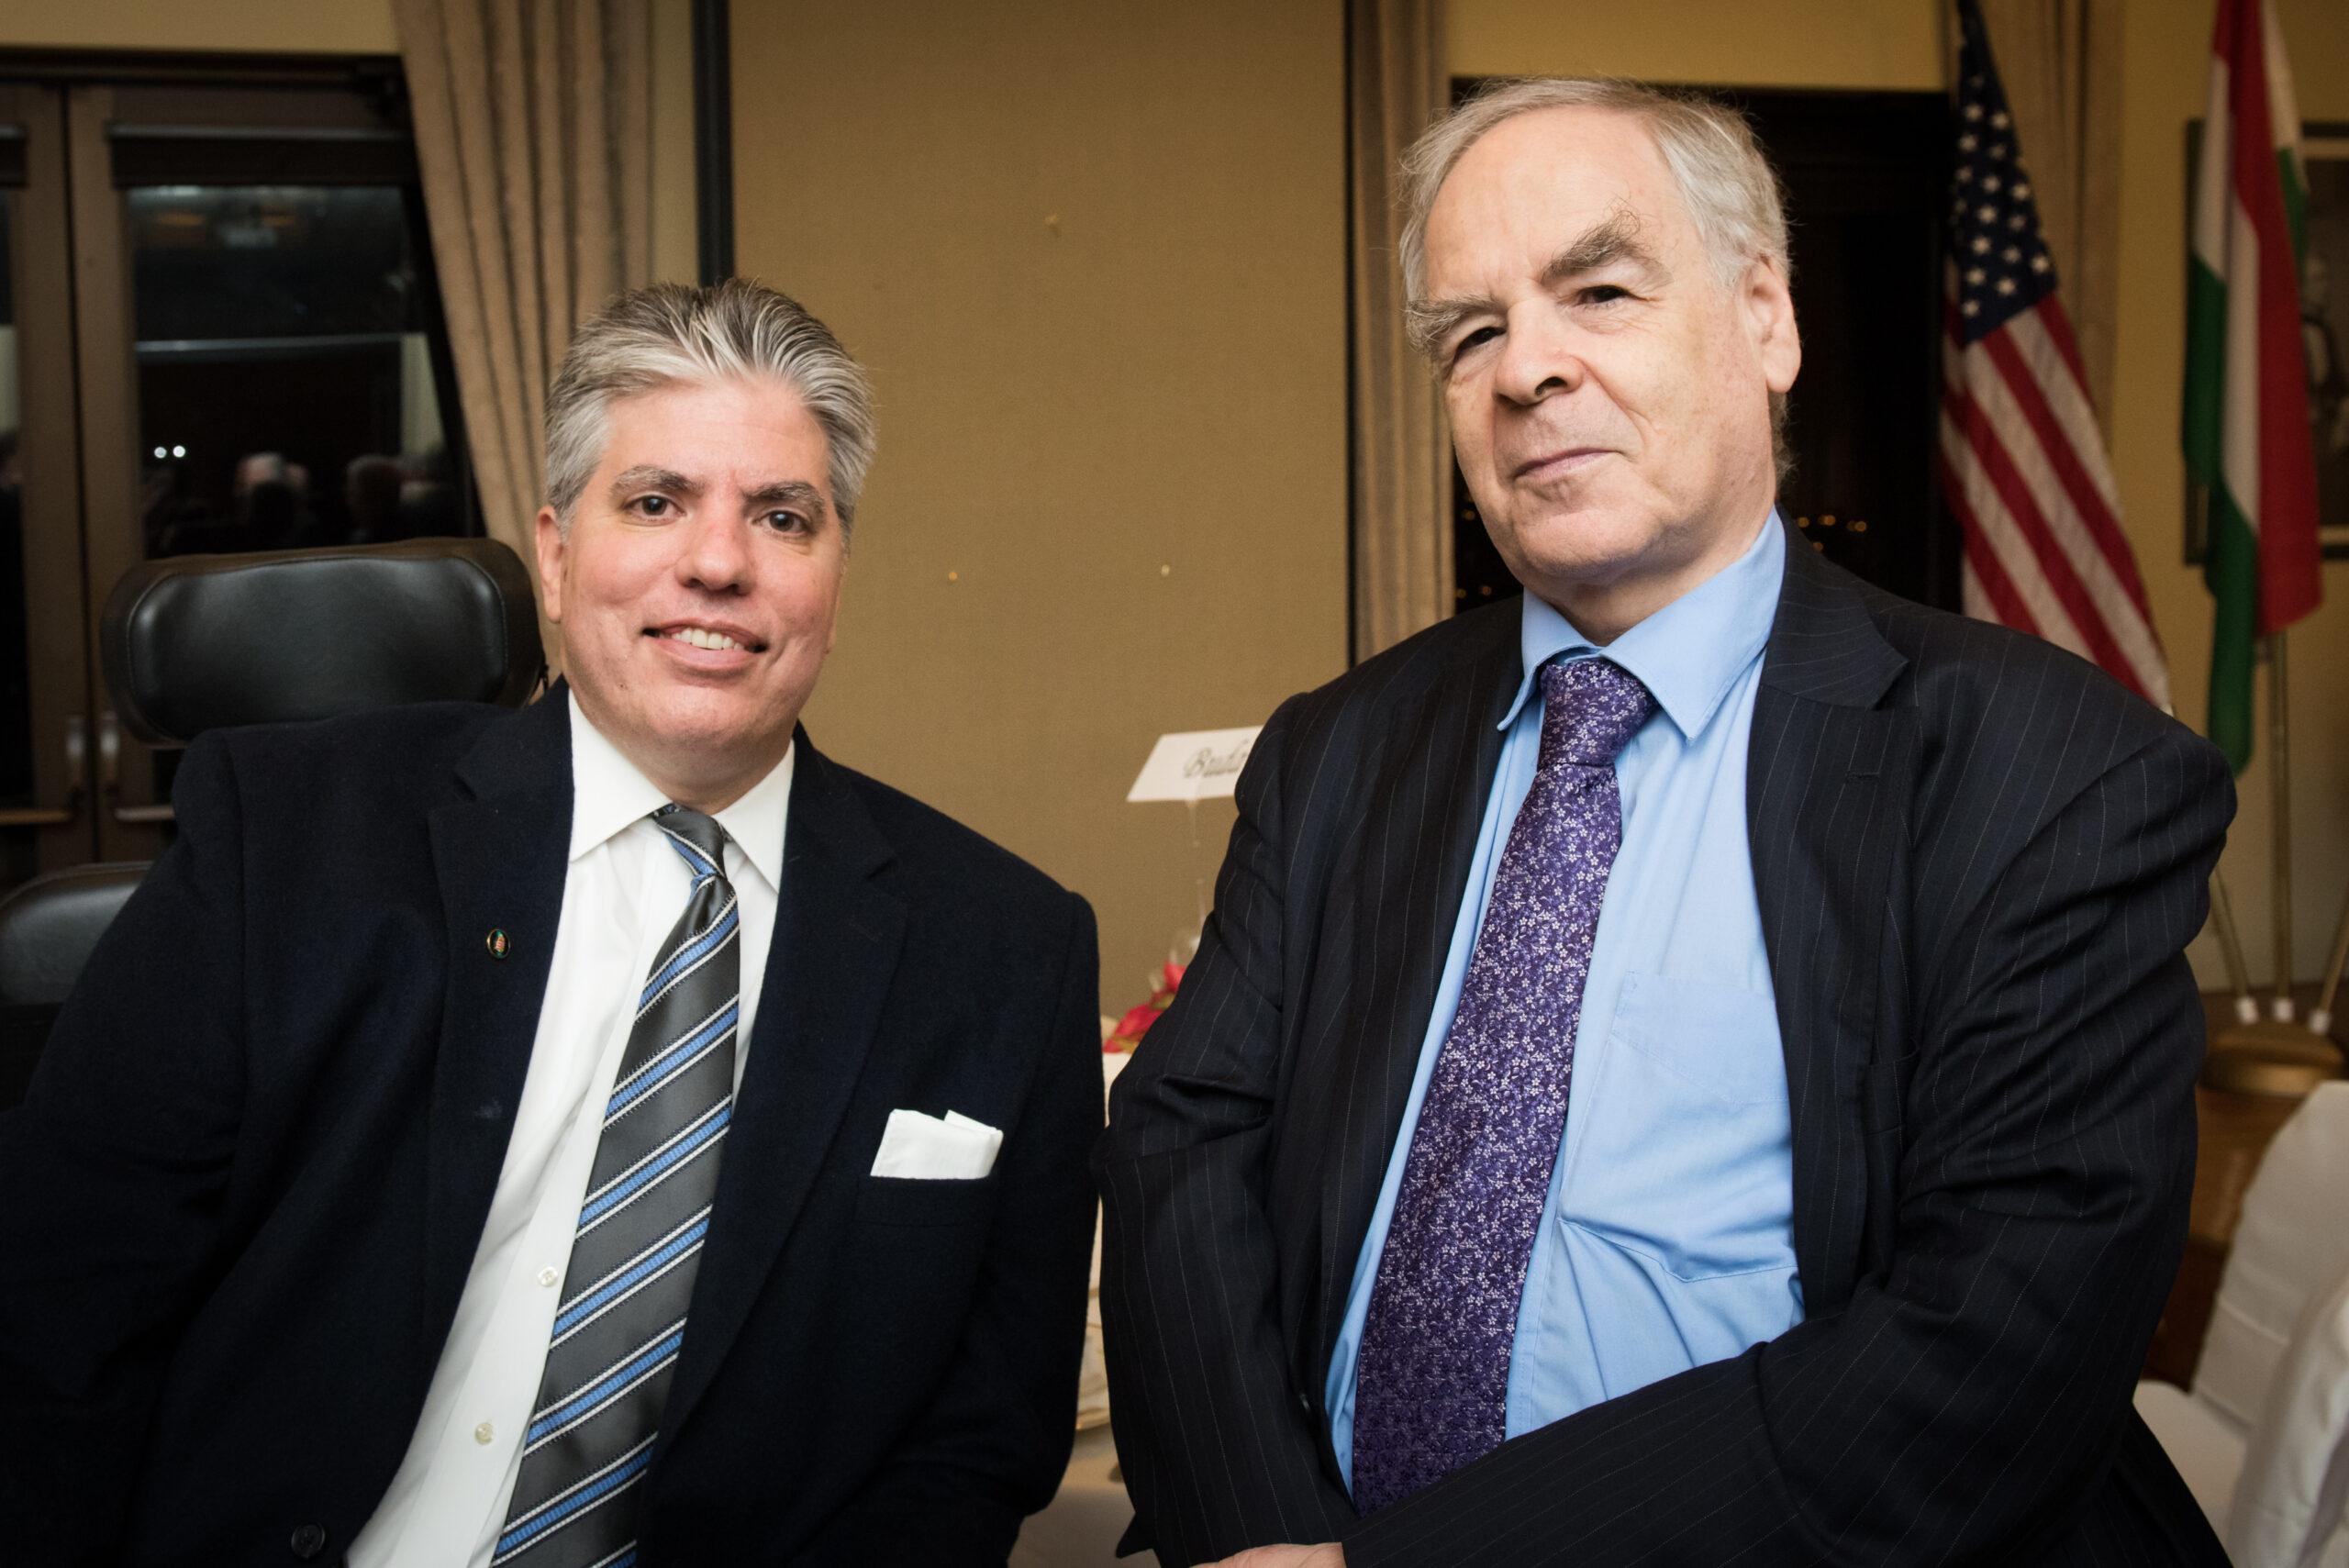 Mr. Maximilian N. Teleki and Dr. György Schöpflin